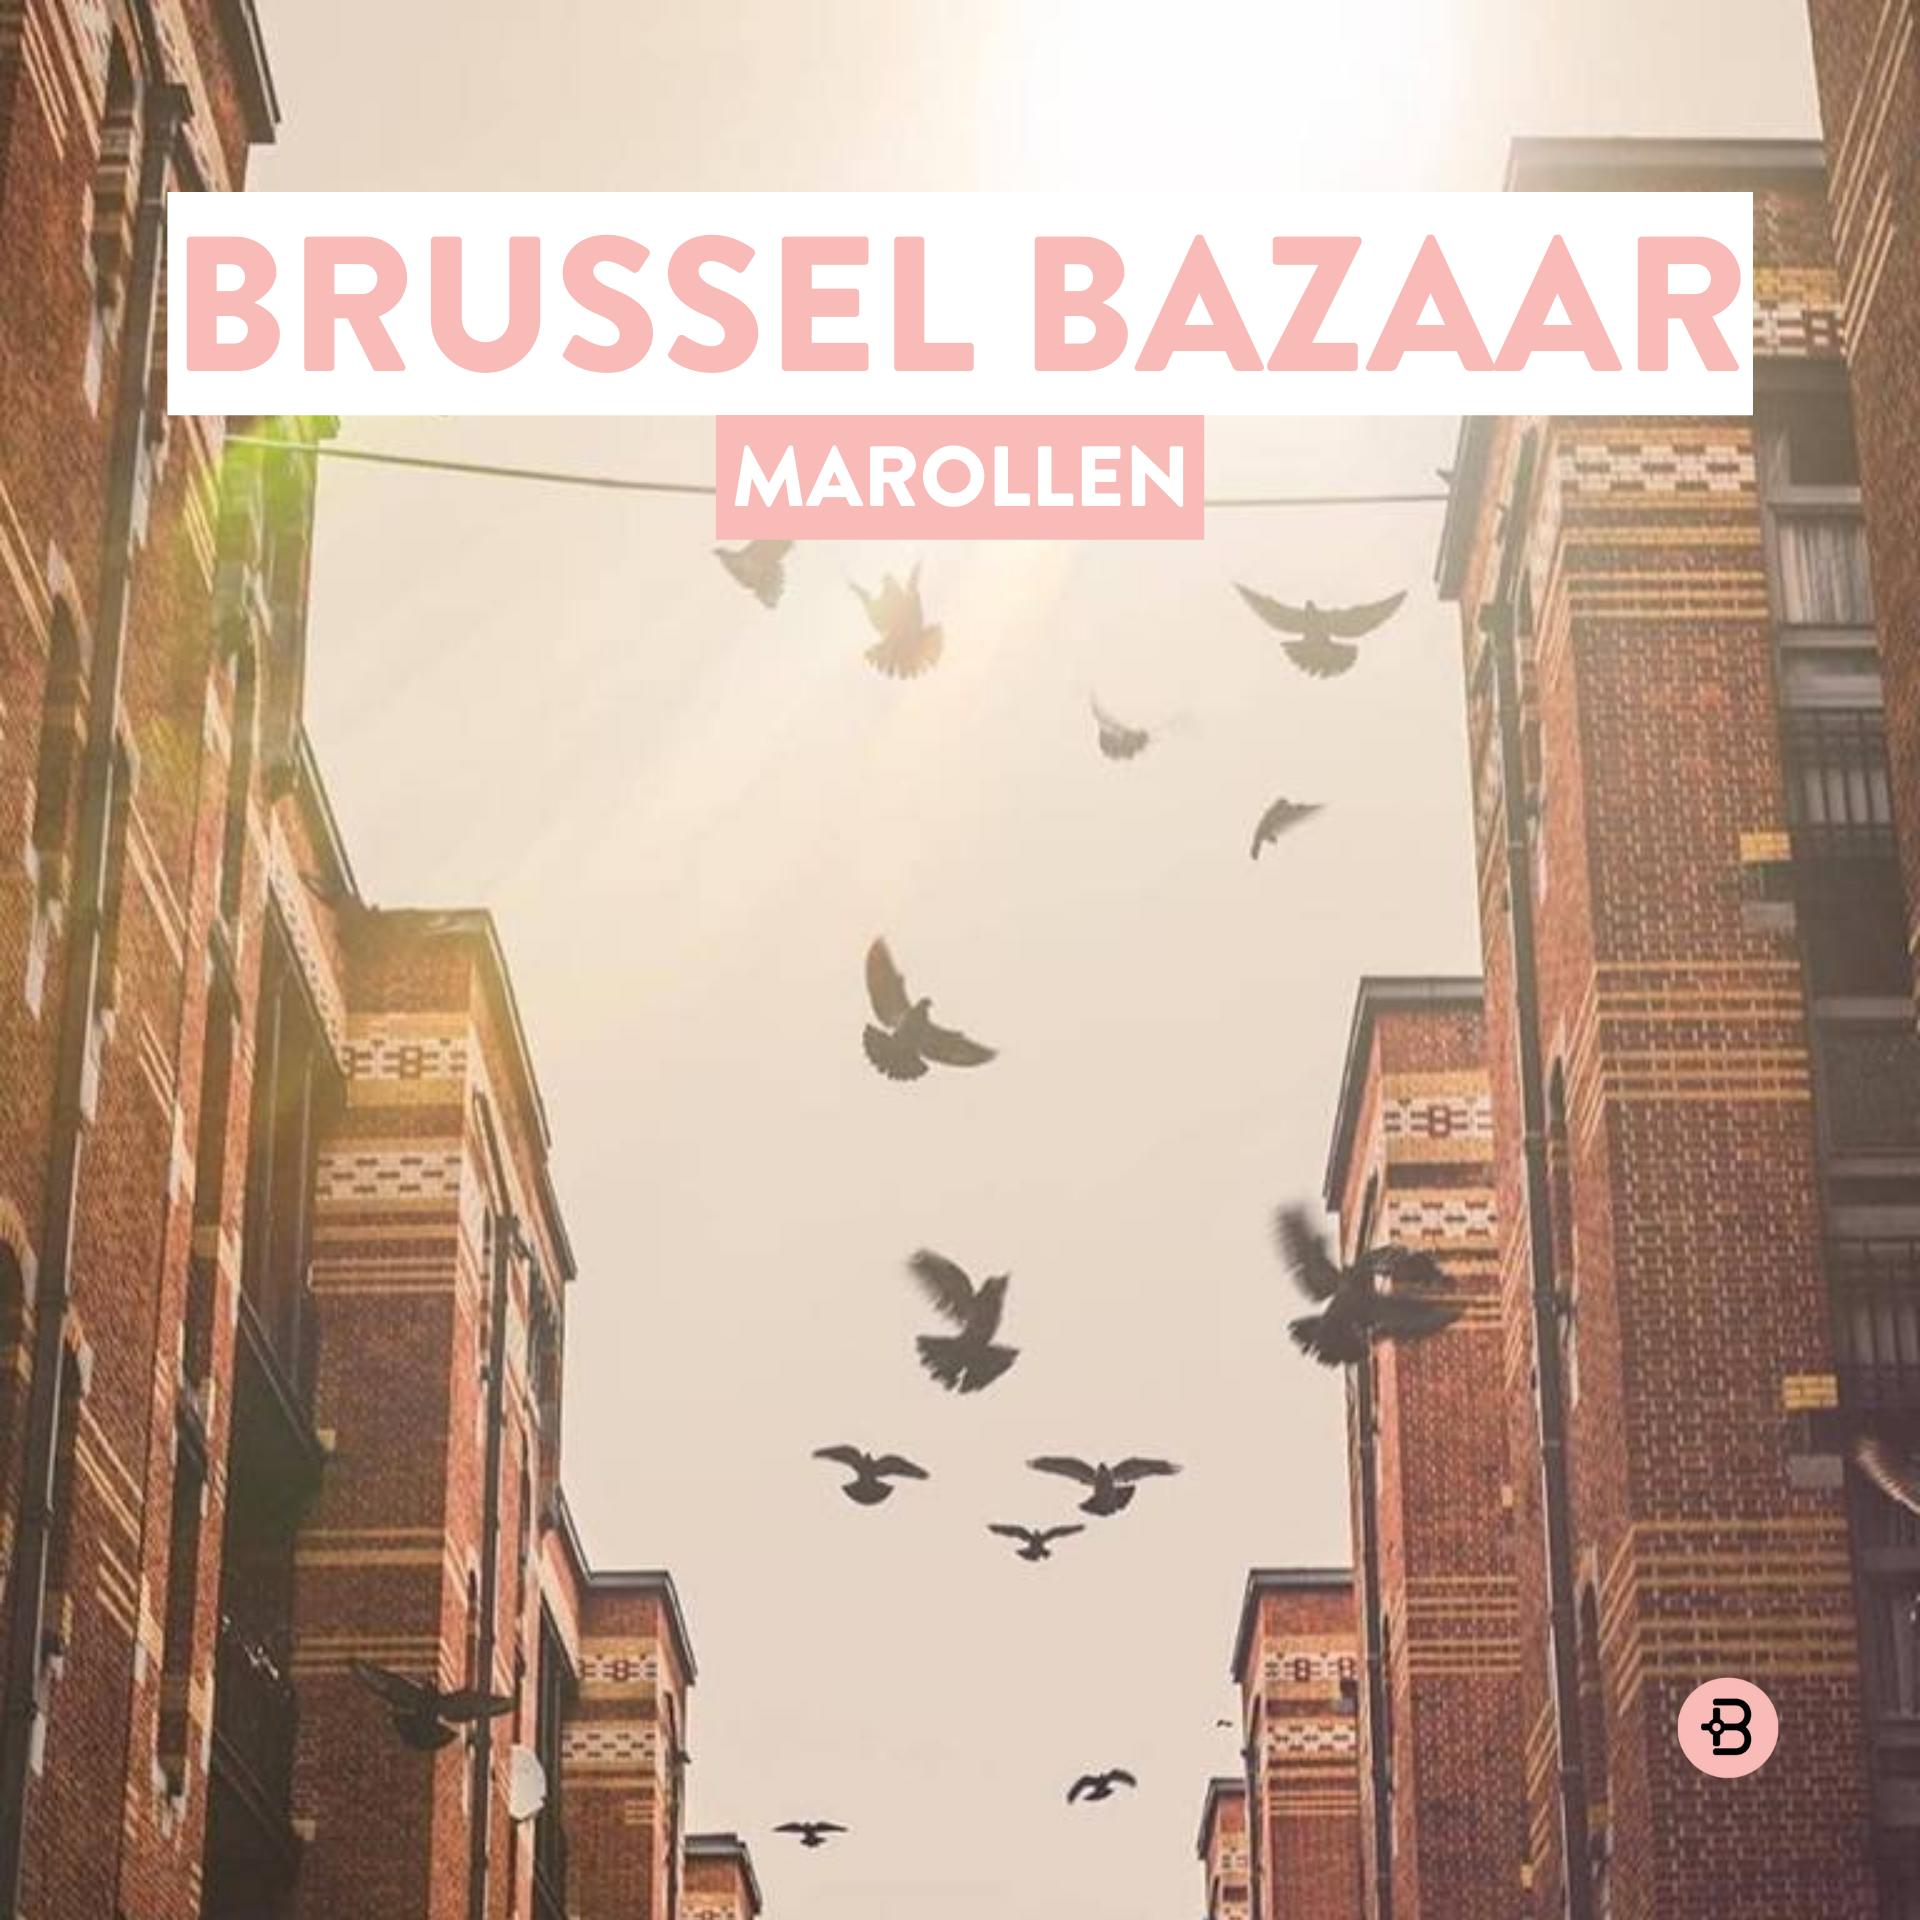 BRUSSEL BAZAAR | Marollen